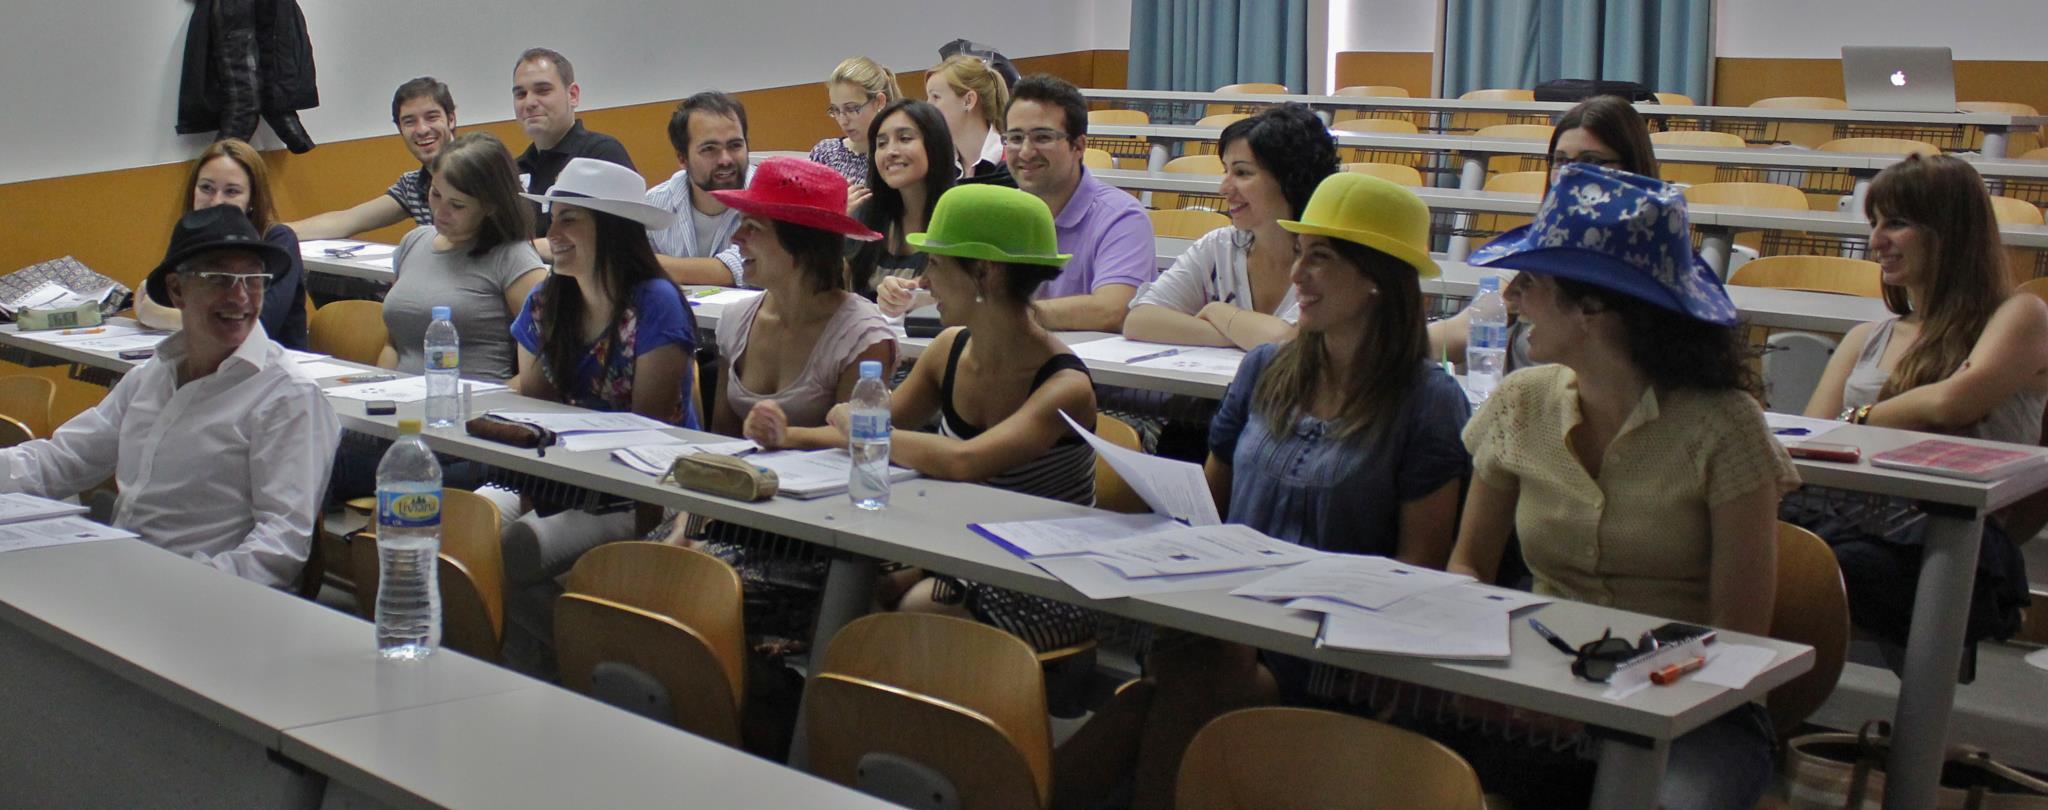 fotos-de-sombreritos